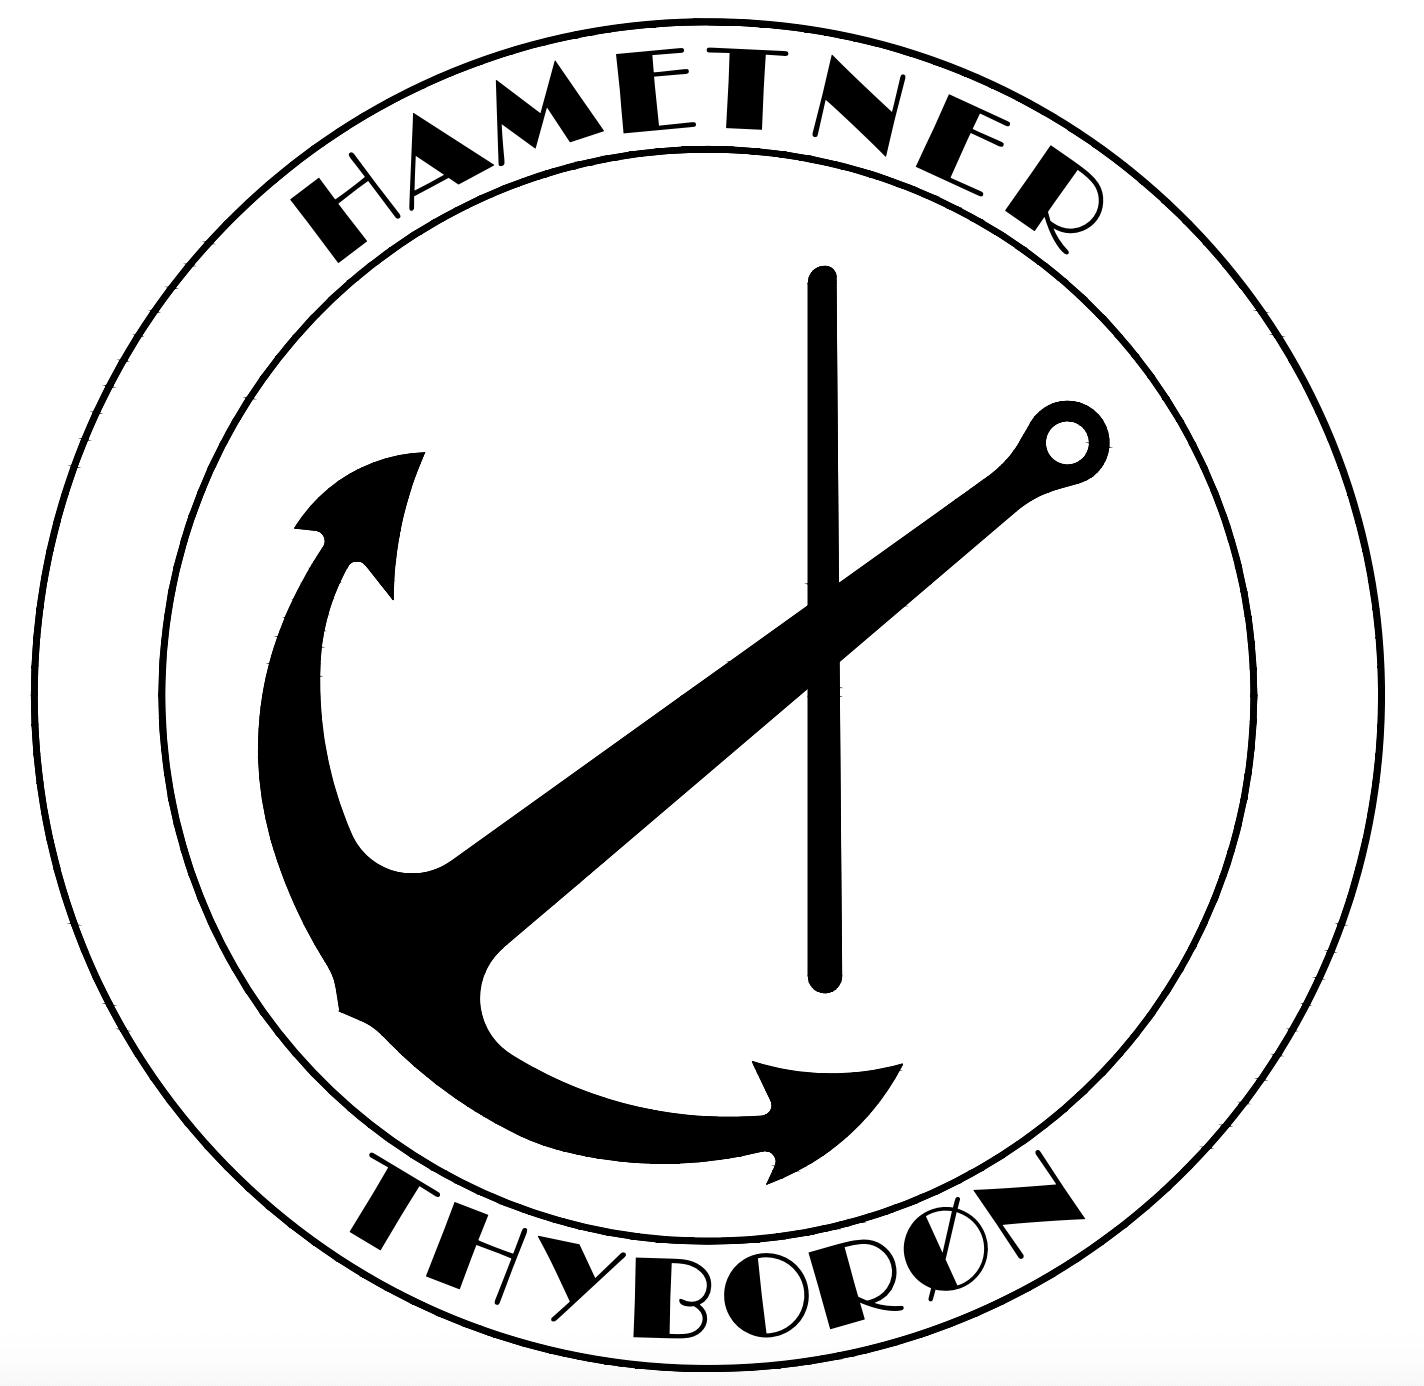 Rederiet Hametner